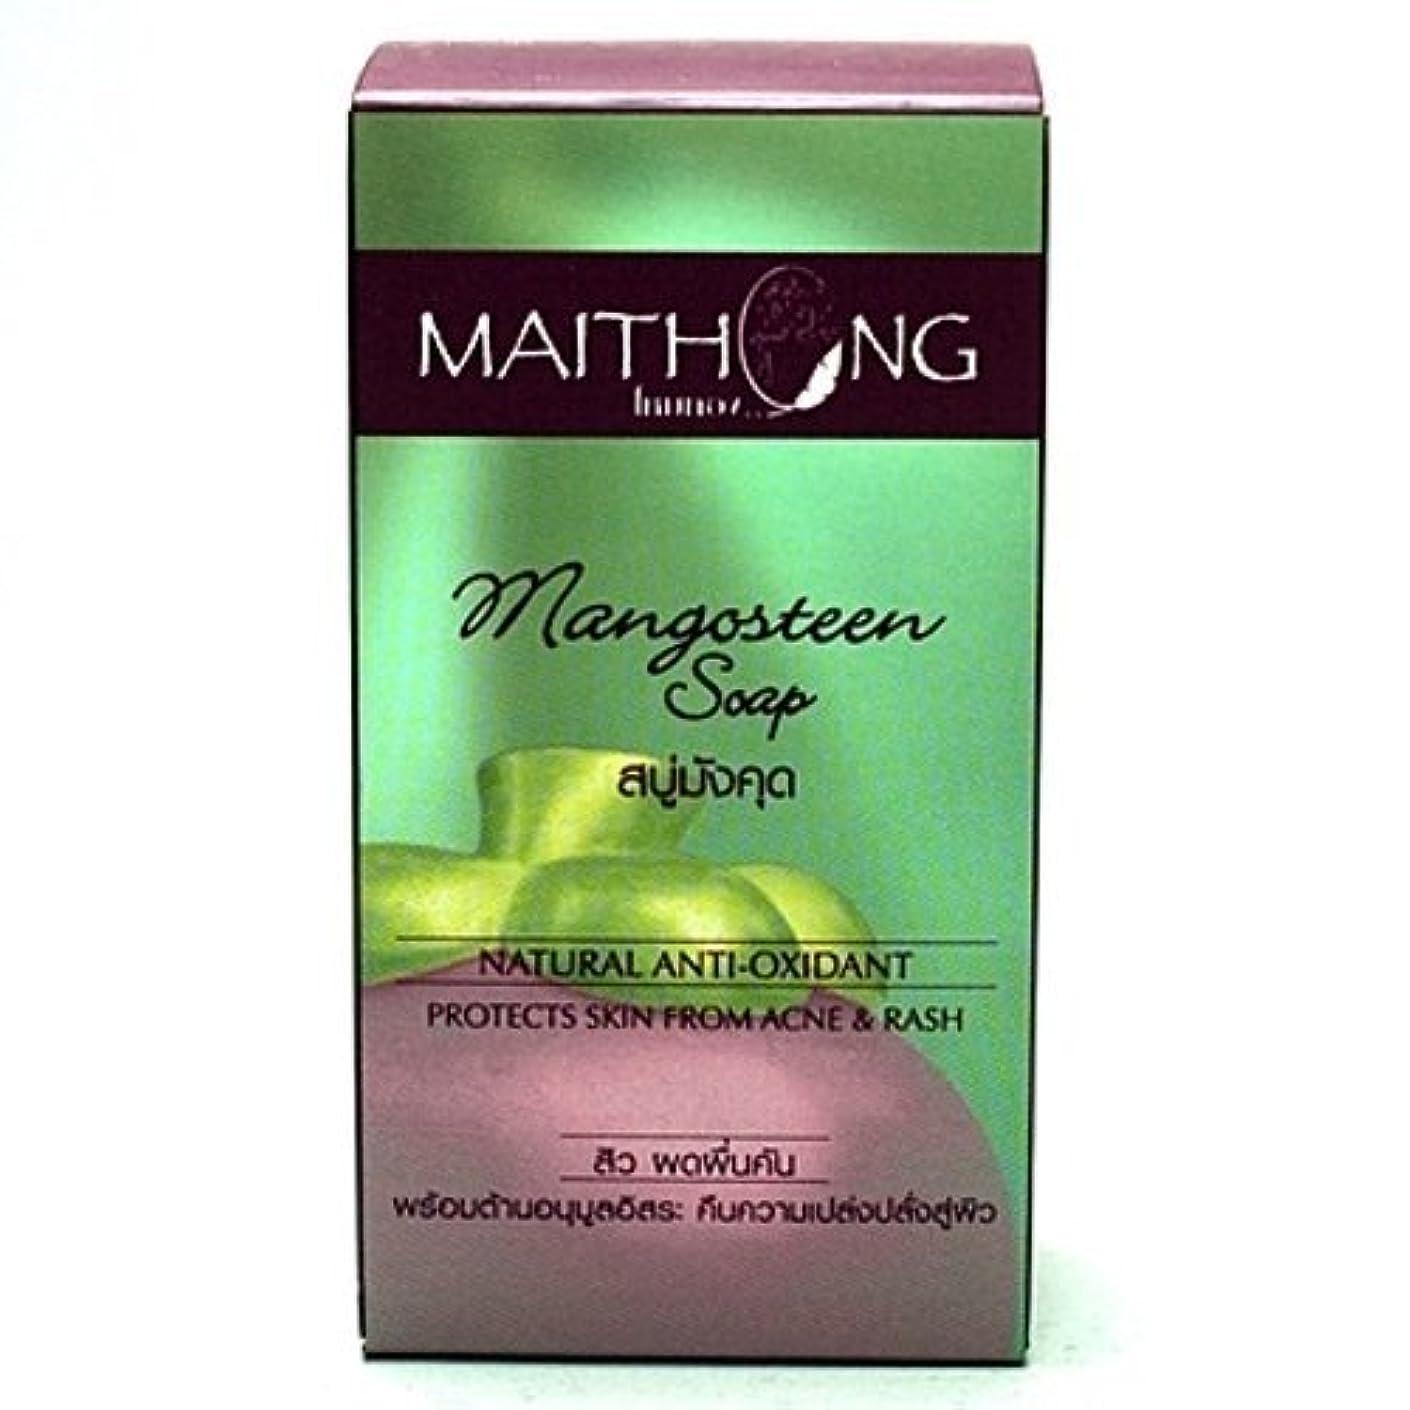 エミュレートするゆりダーツMangosteen Soap Face and Body Wash Acne Rash Black Spot Spa Facial Soap Bar Natural Herb Scent by Maithong